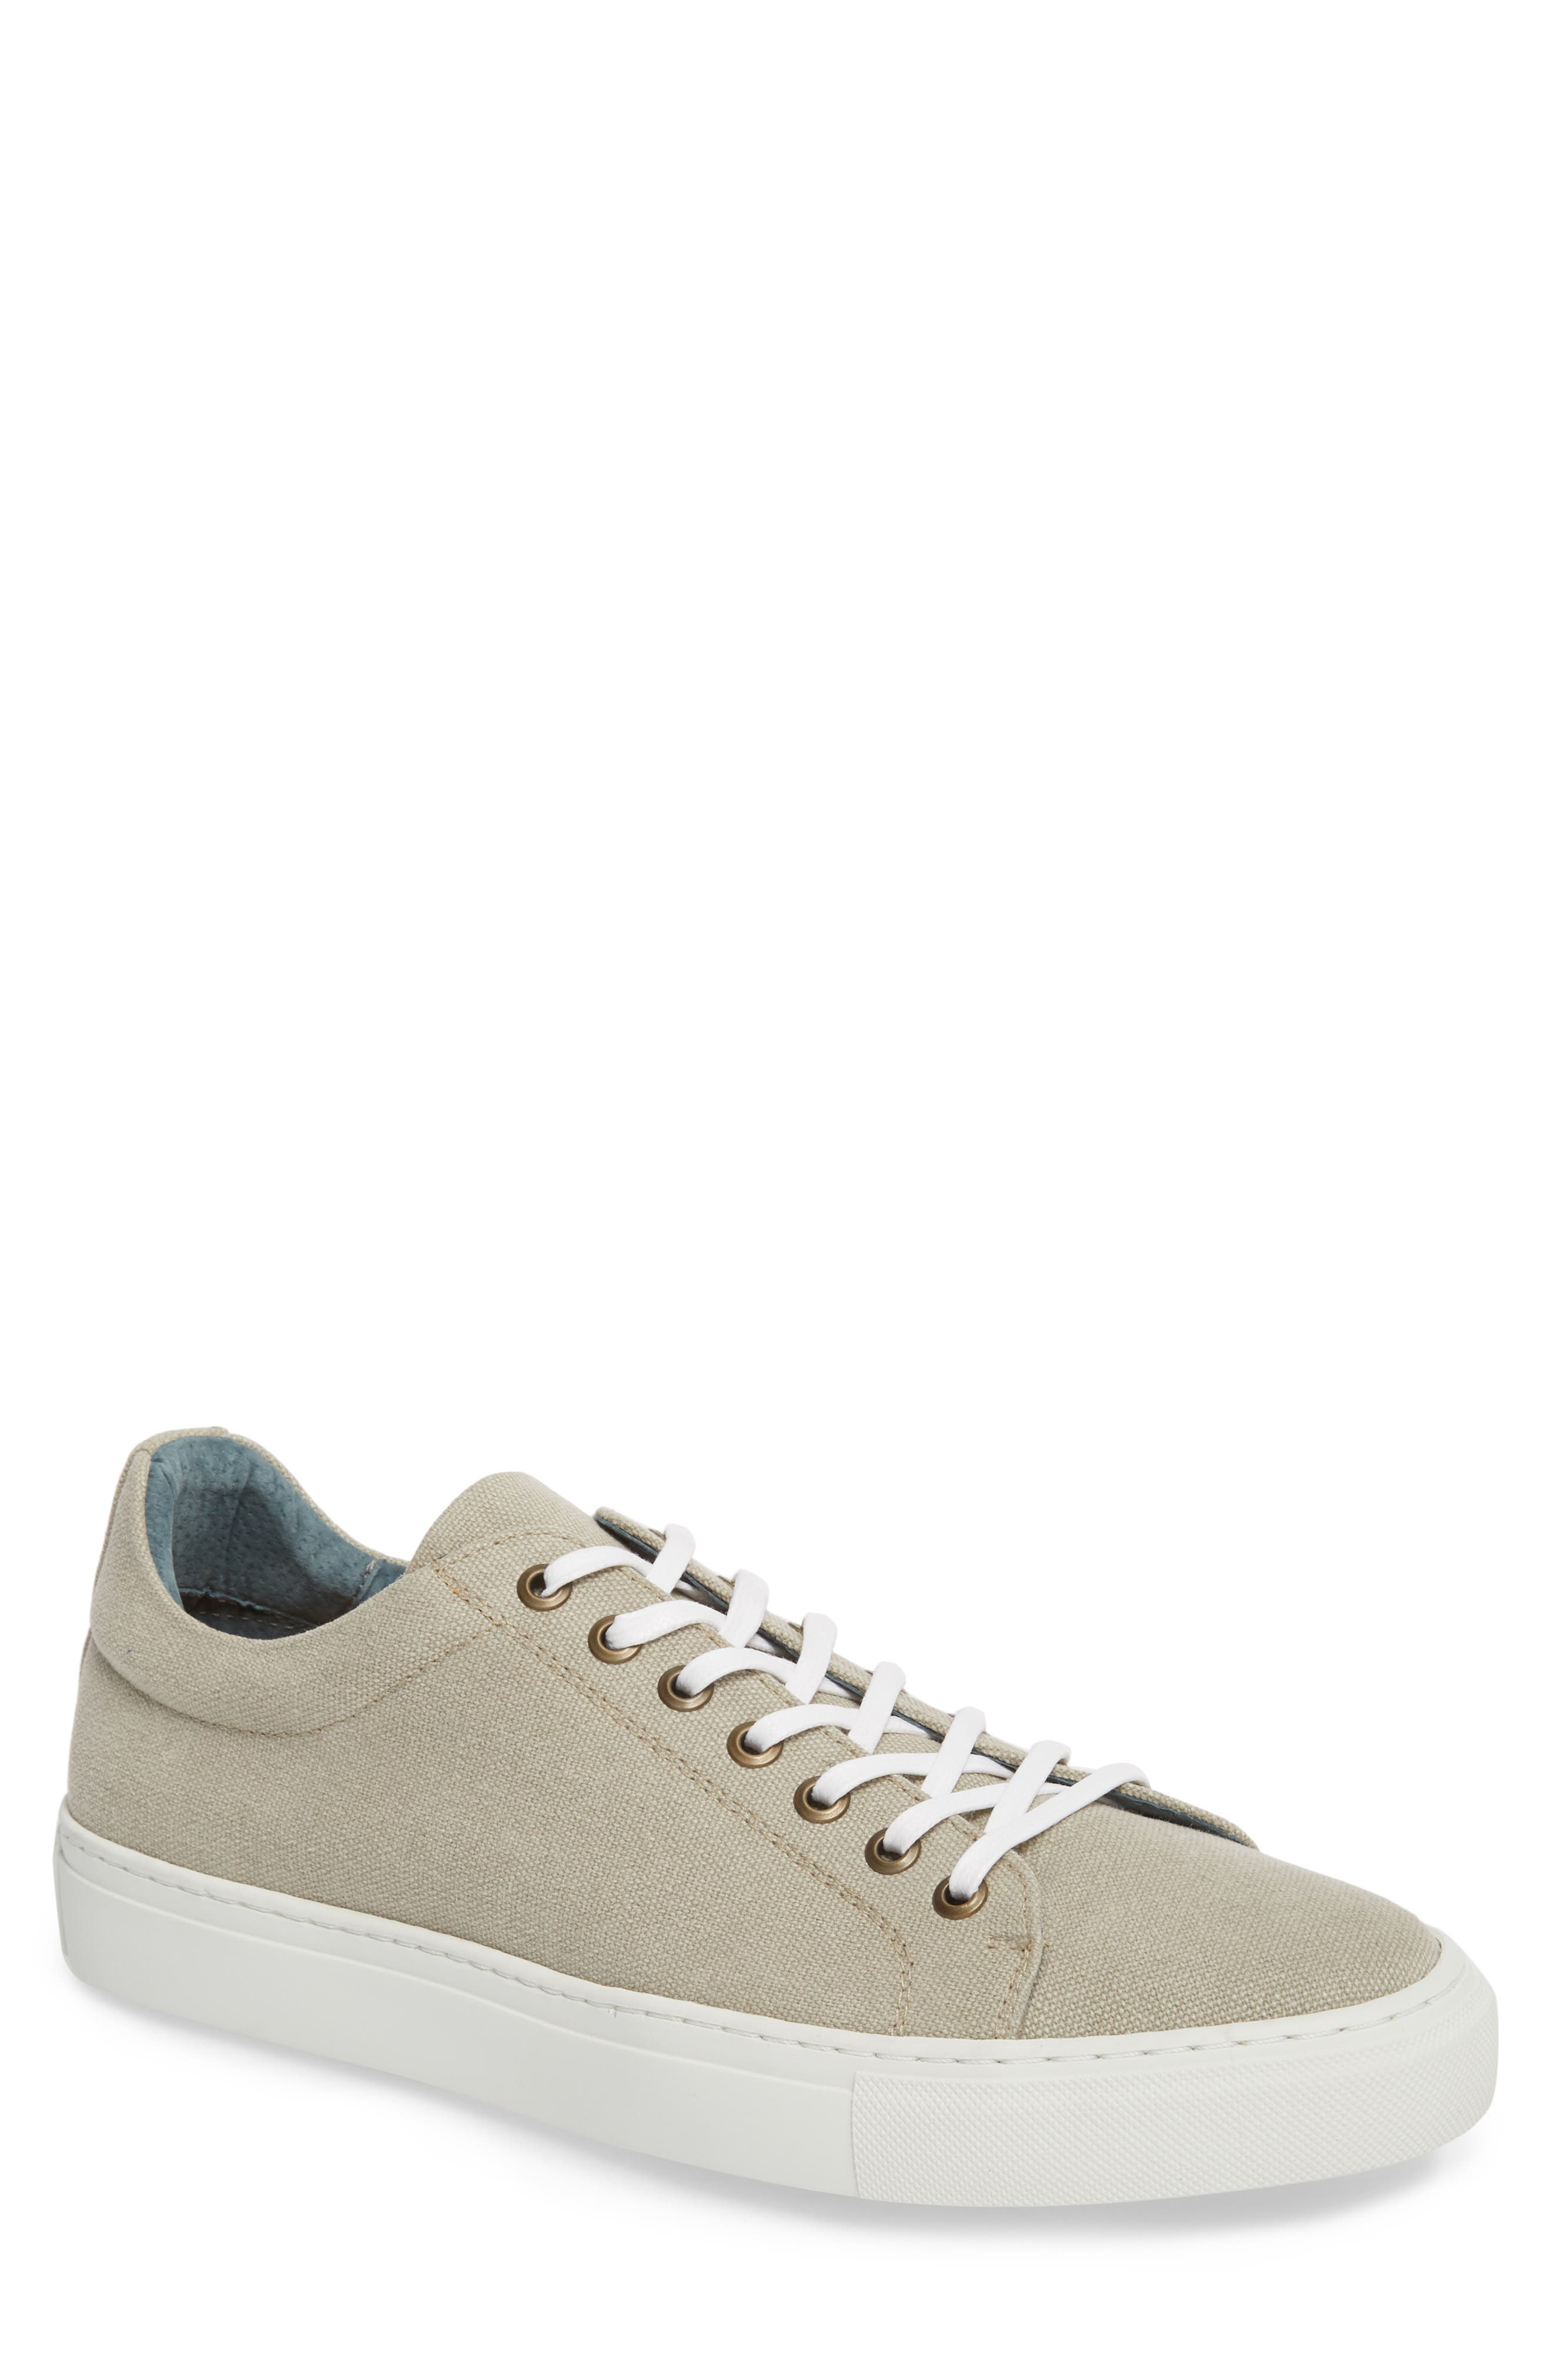 Mark Low Top Sneaker,                             Main thumbnail 2, color,